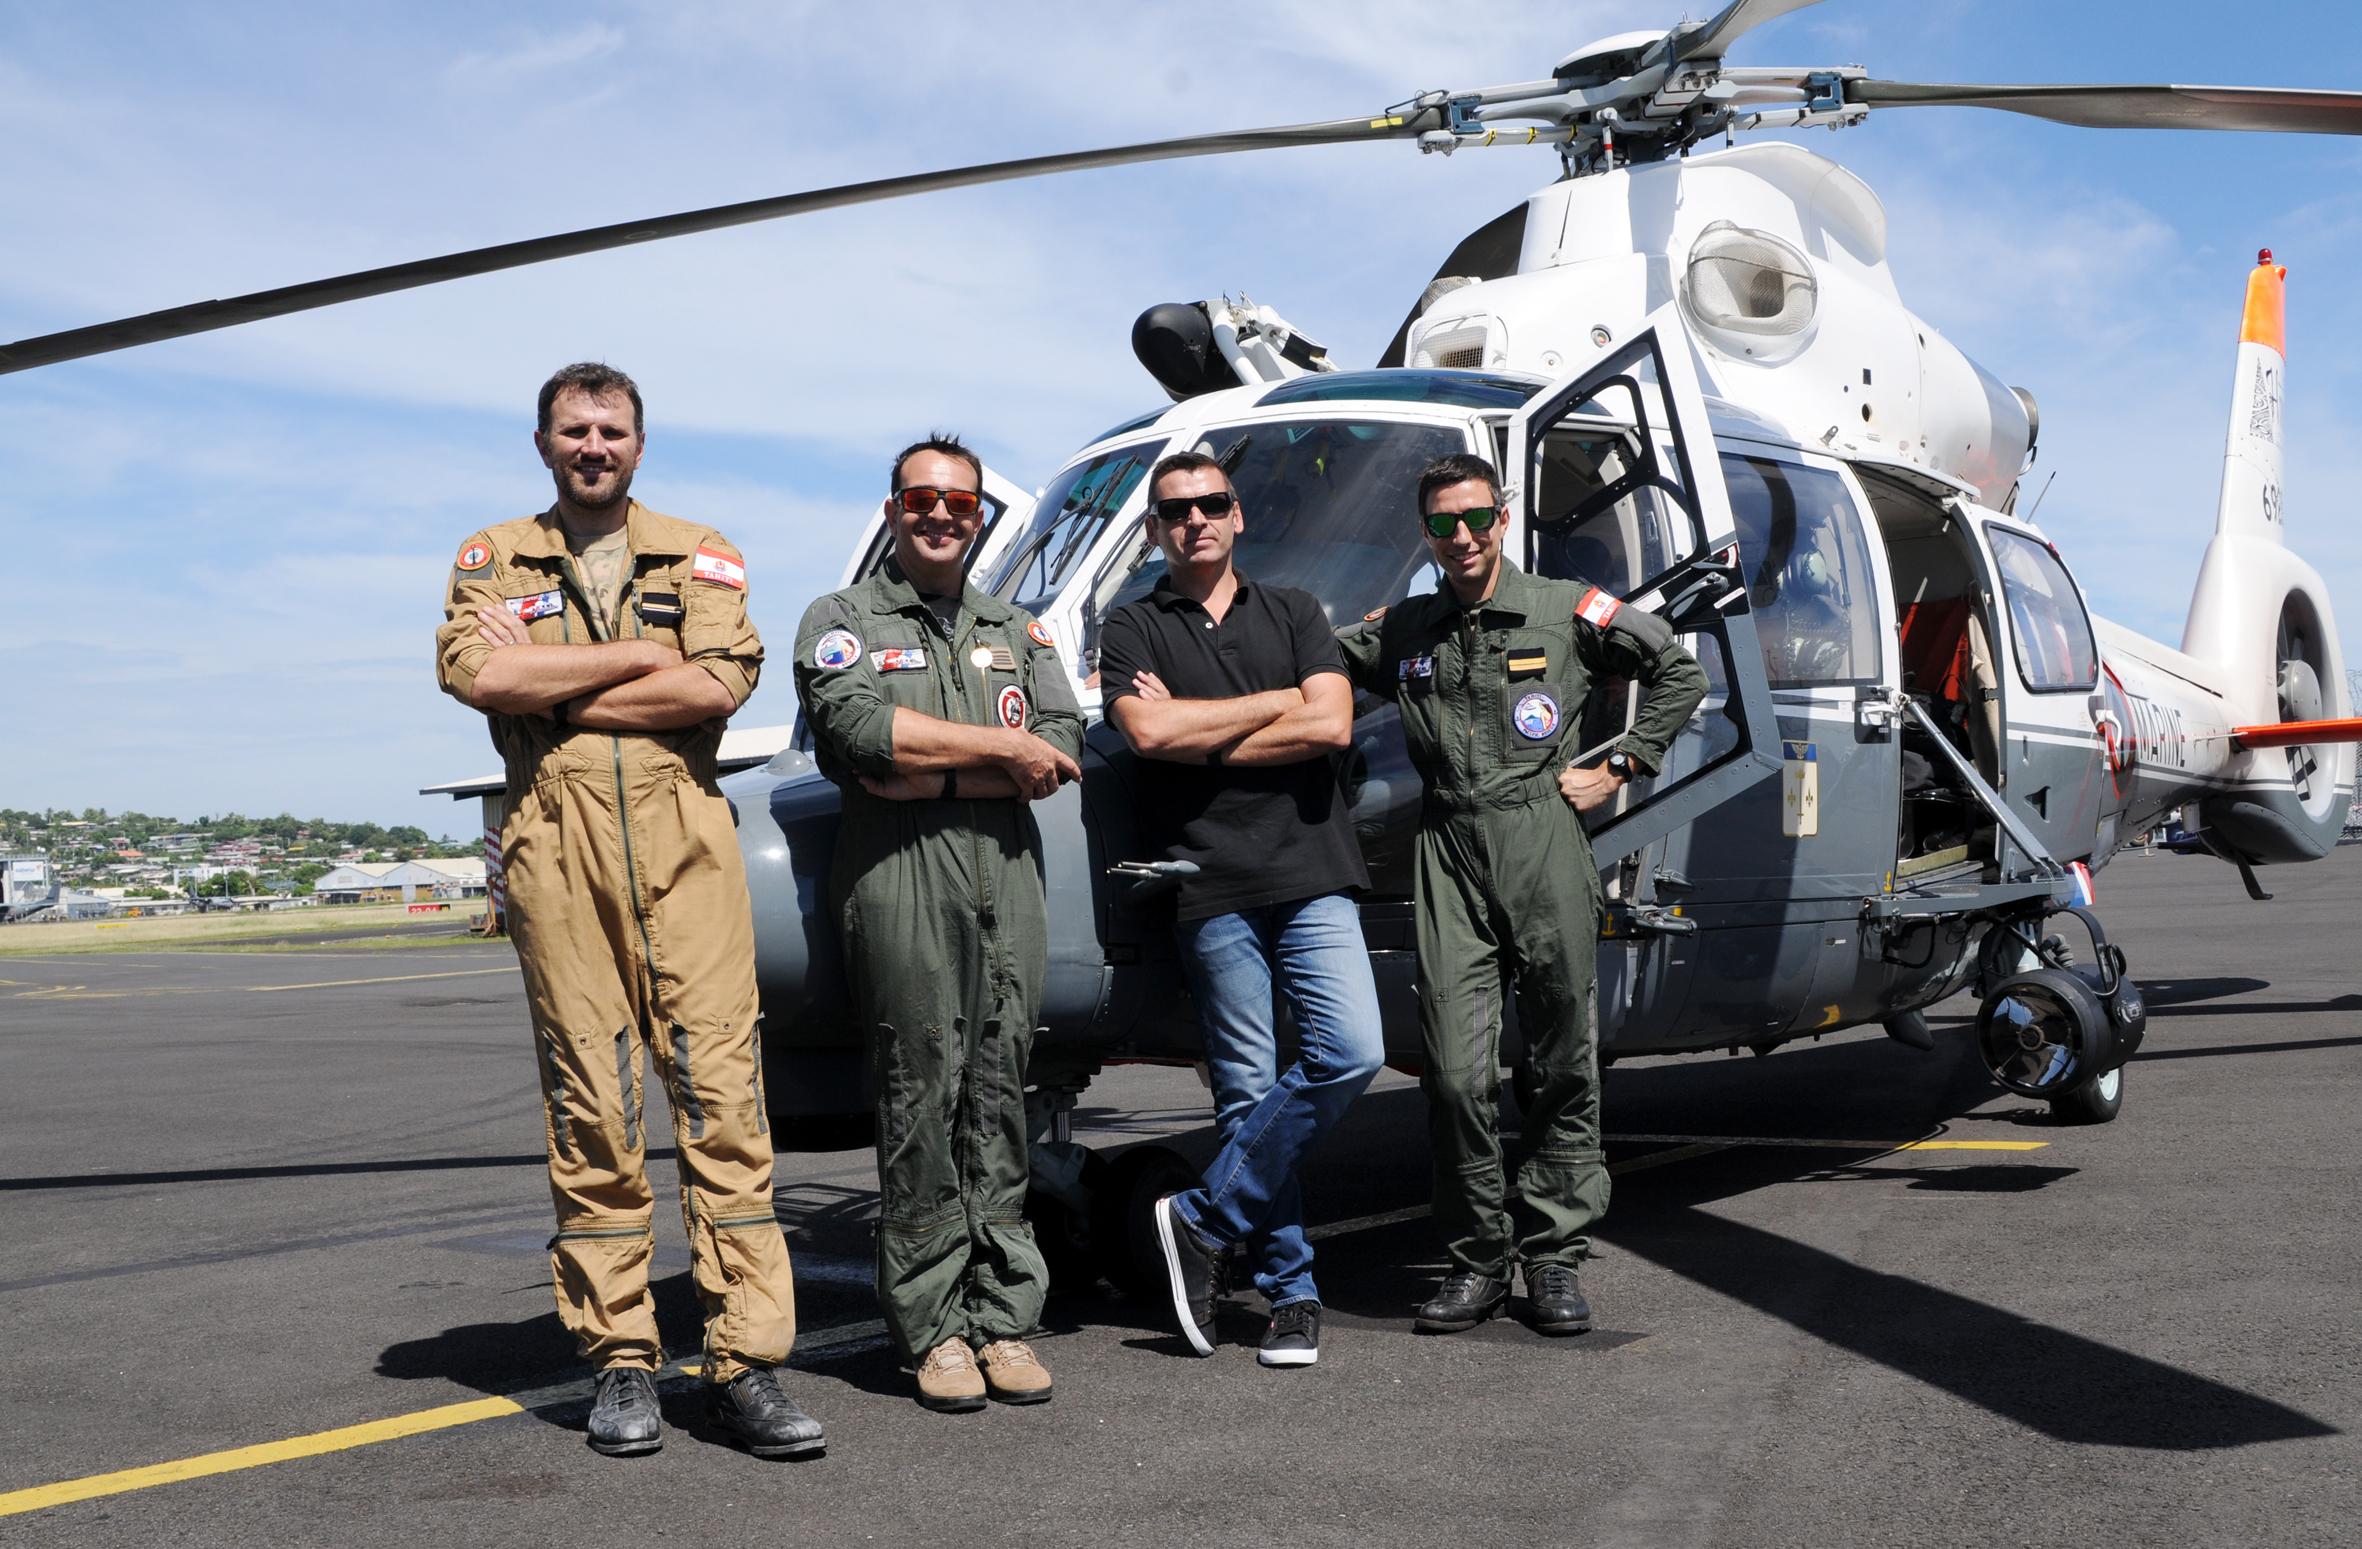 De g. à d. : Franck David, plongeur-sauveteur de la 35F ; Mickaël Joly, commandant du détachement 35F ; Stéphane Chantre, gérant de C3P ; Thomas Denis, copilote de la 35F. (© C.Flipo).